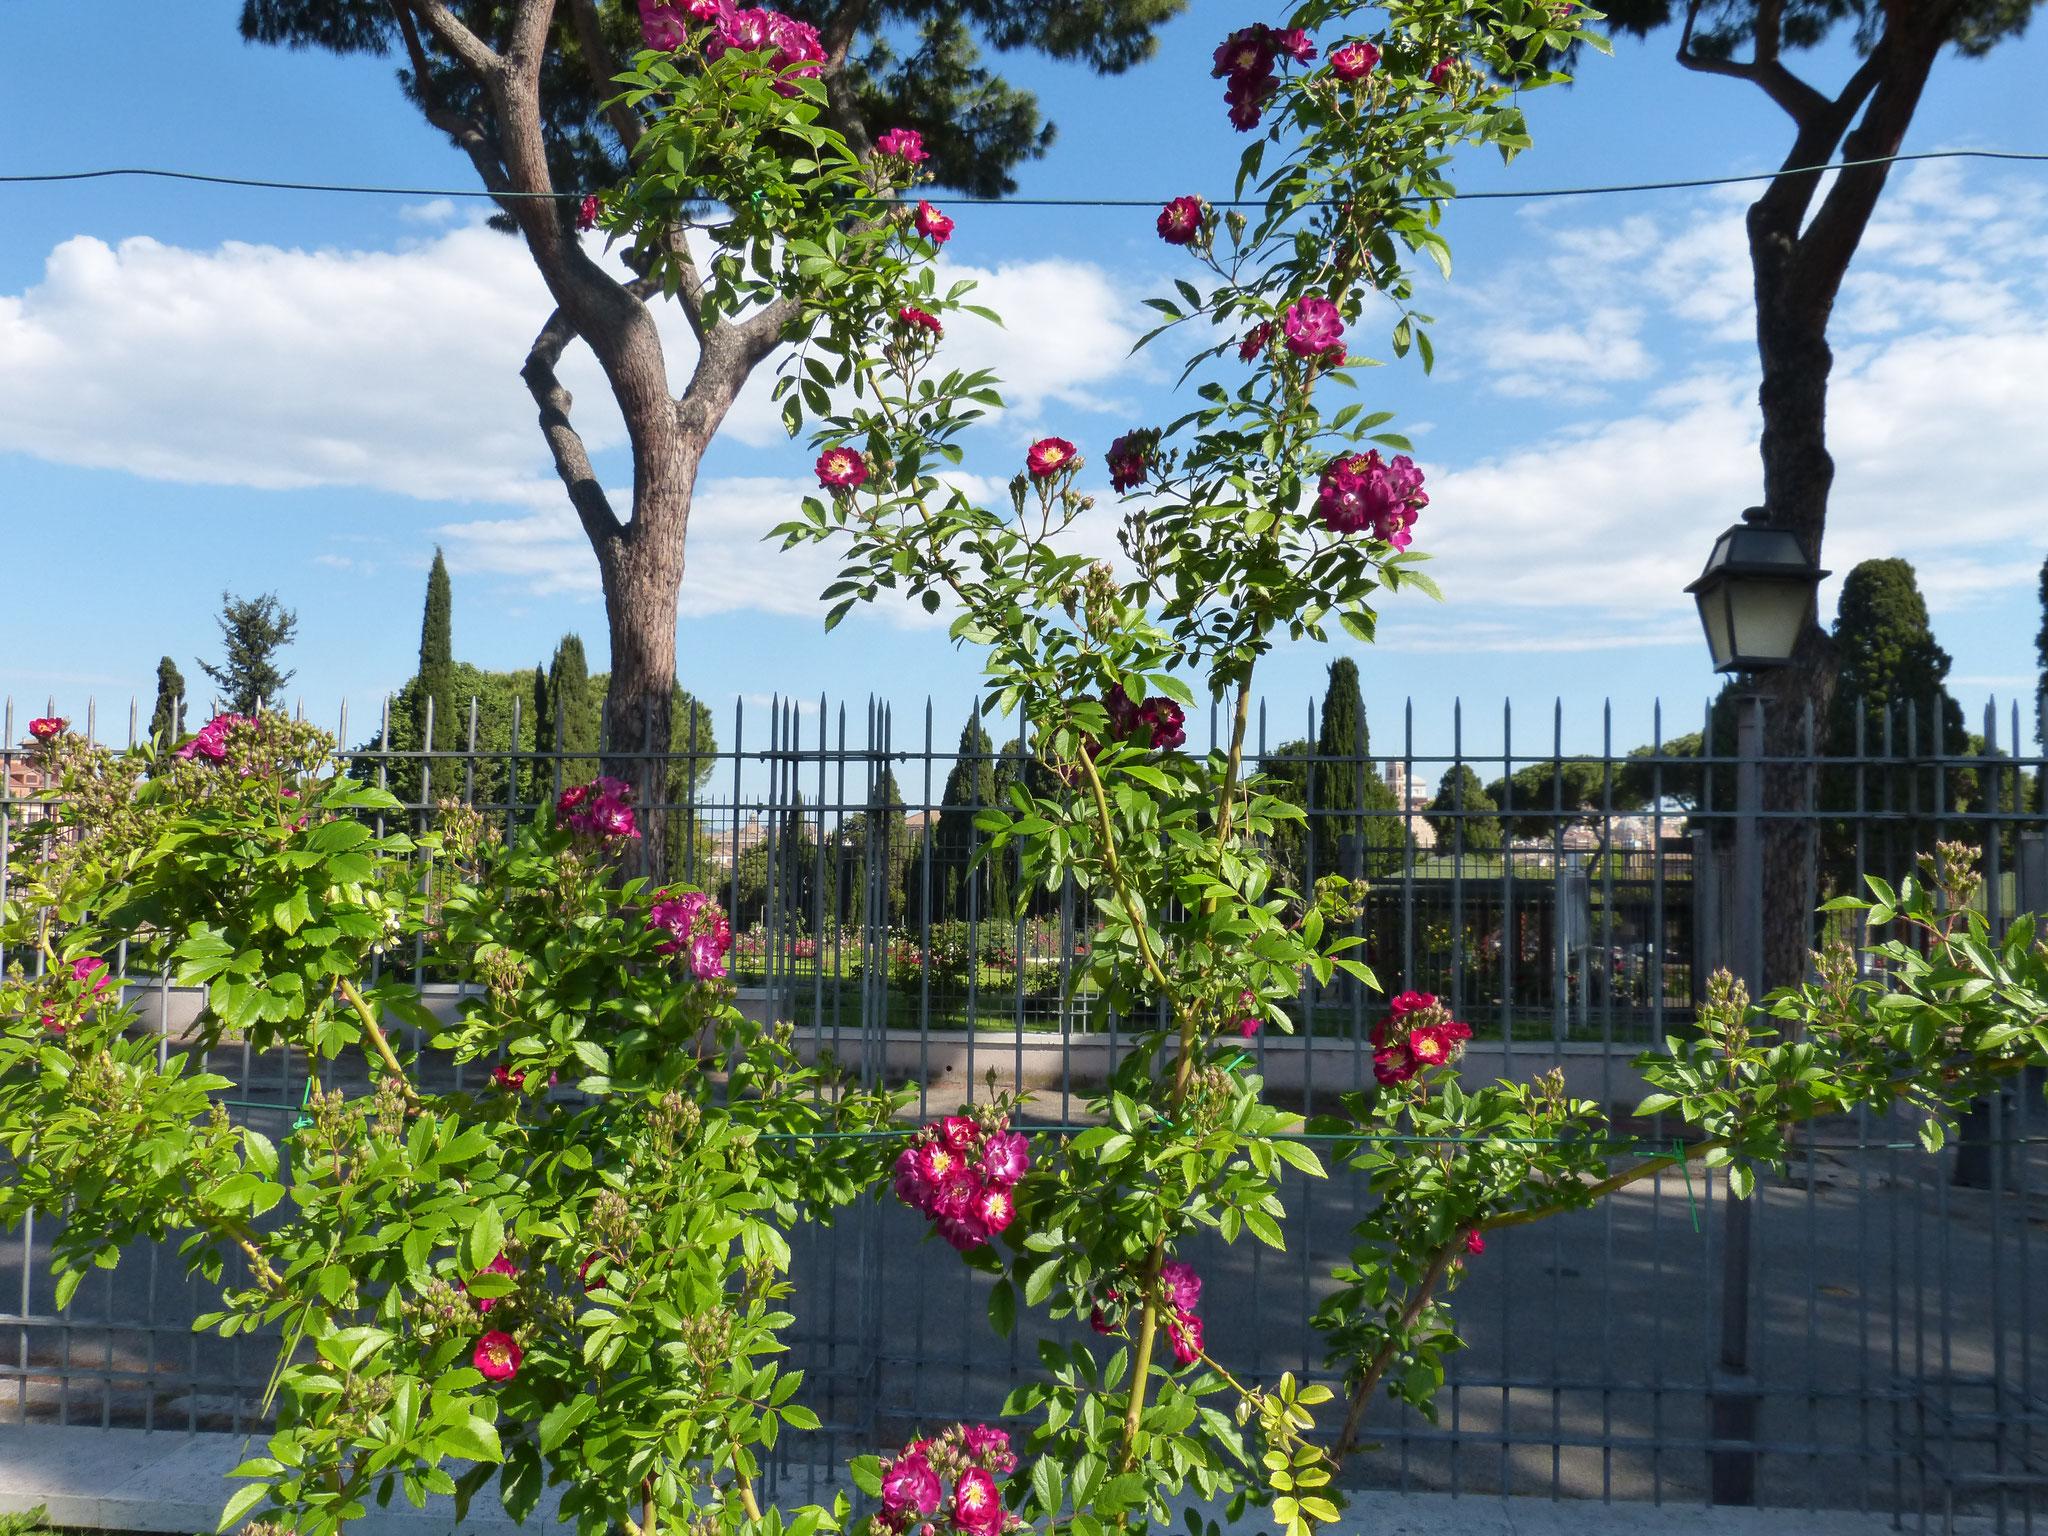 Die schattigen Bänke im Rosengarten laden zu einer Verschnaufpause ein.